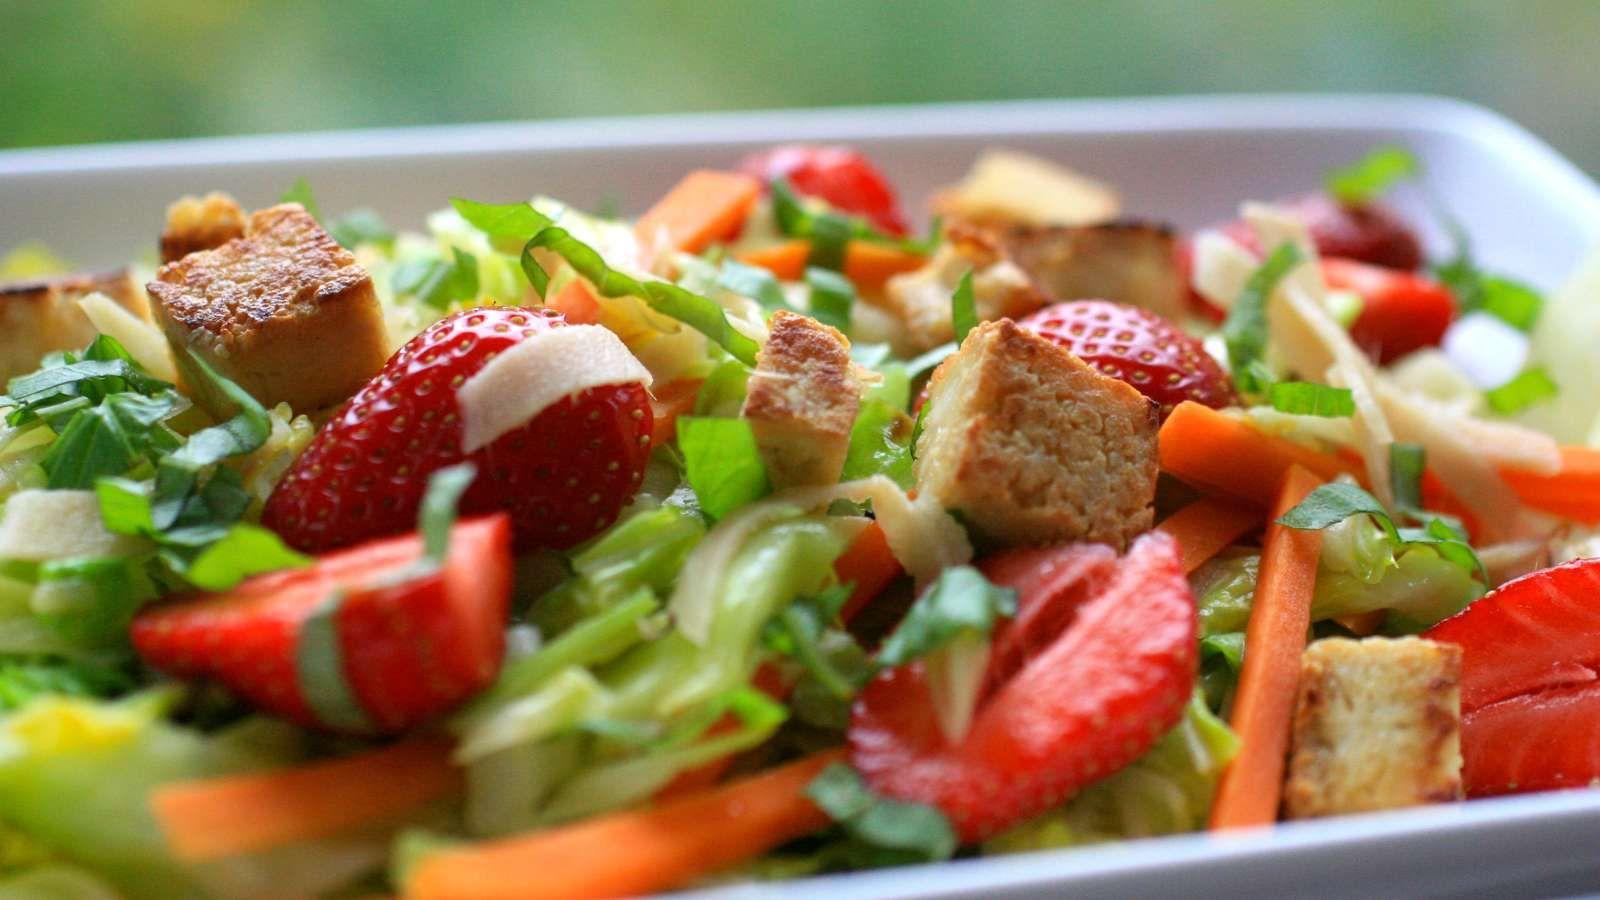 Sommer Küche Rezept : Tcm rezepte für den sommer die elemente ernährung im